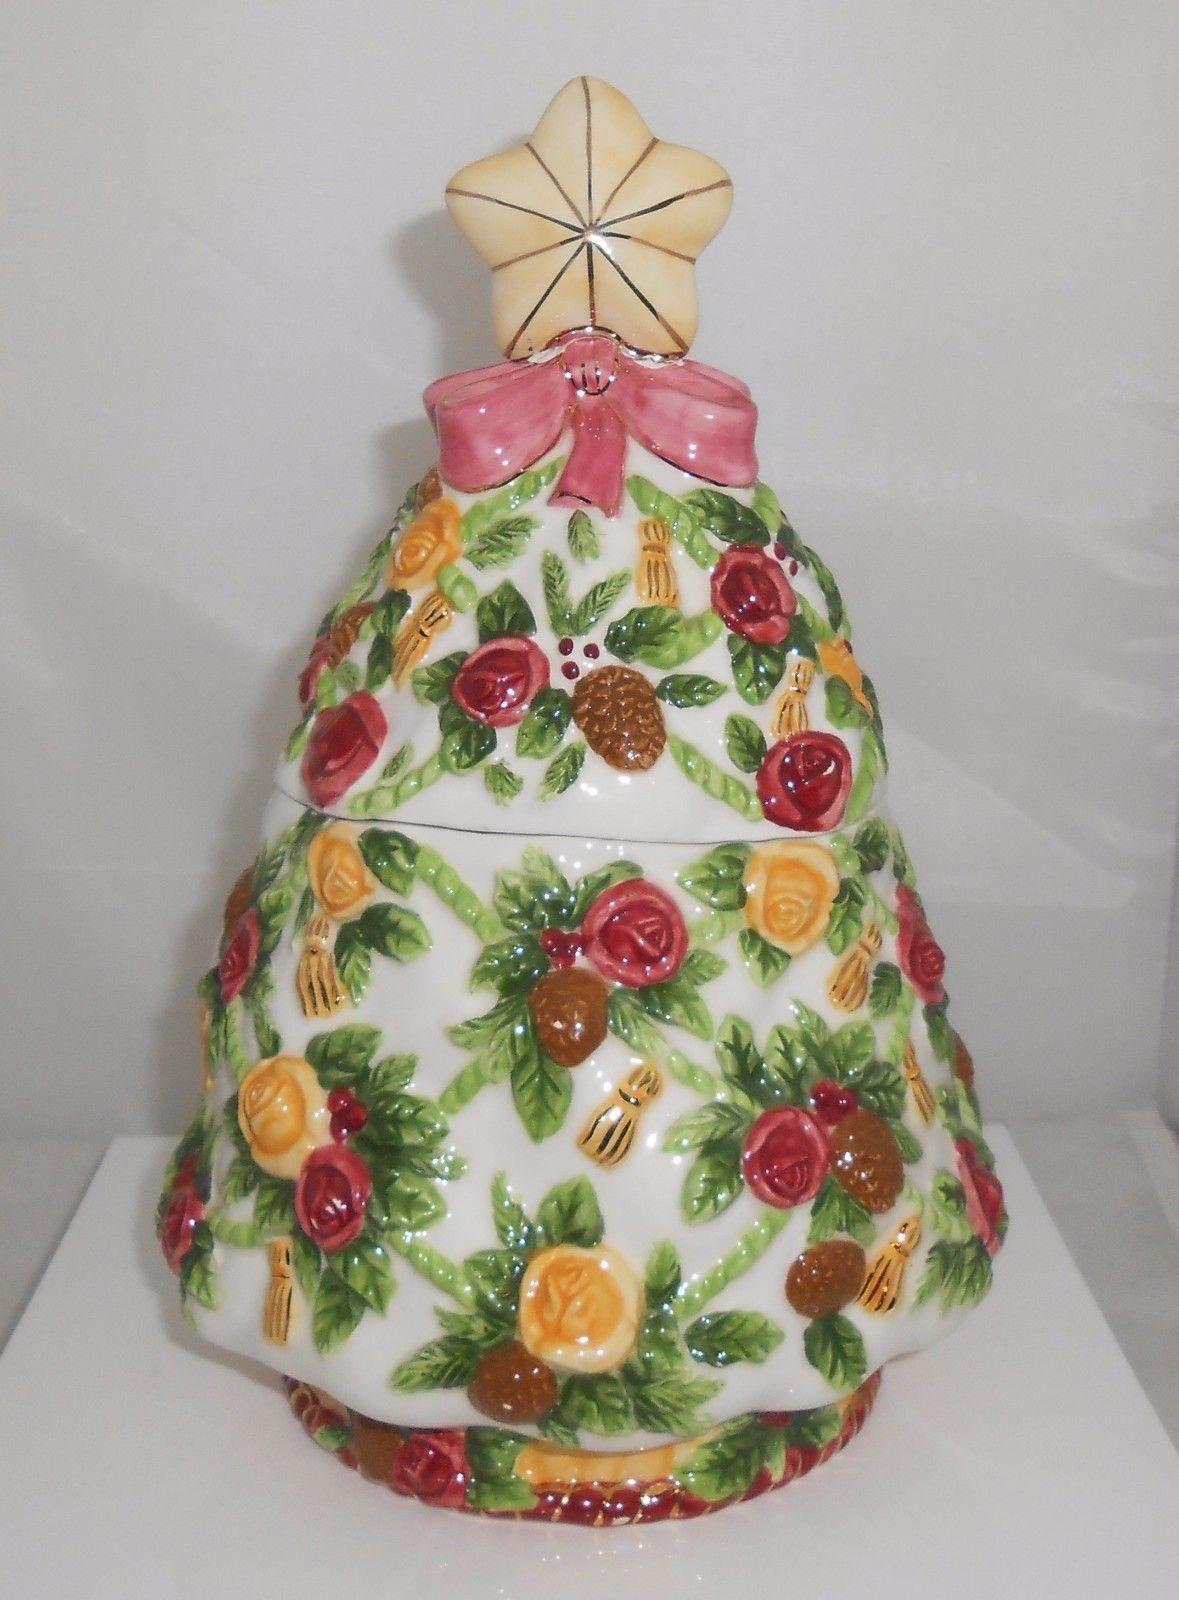 Royal Albert Cookie Jar Old Country Roses Christmas Tree Seasons Of